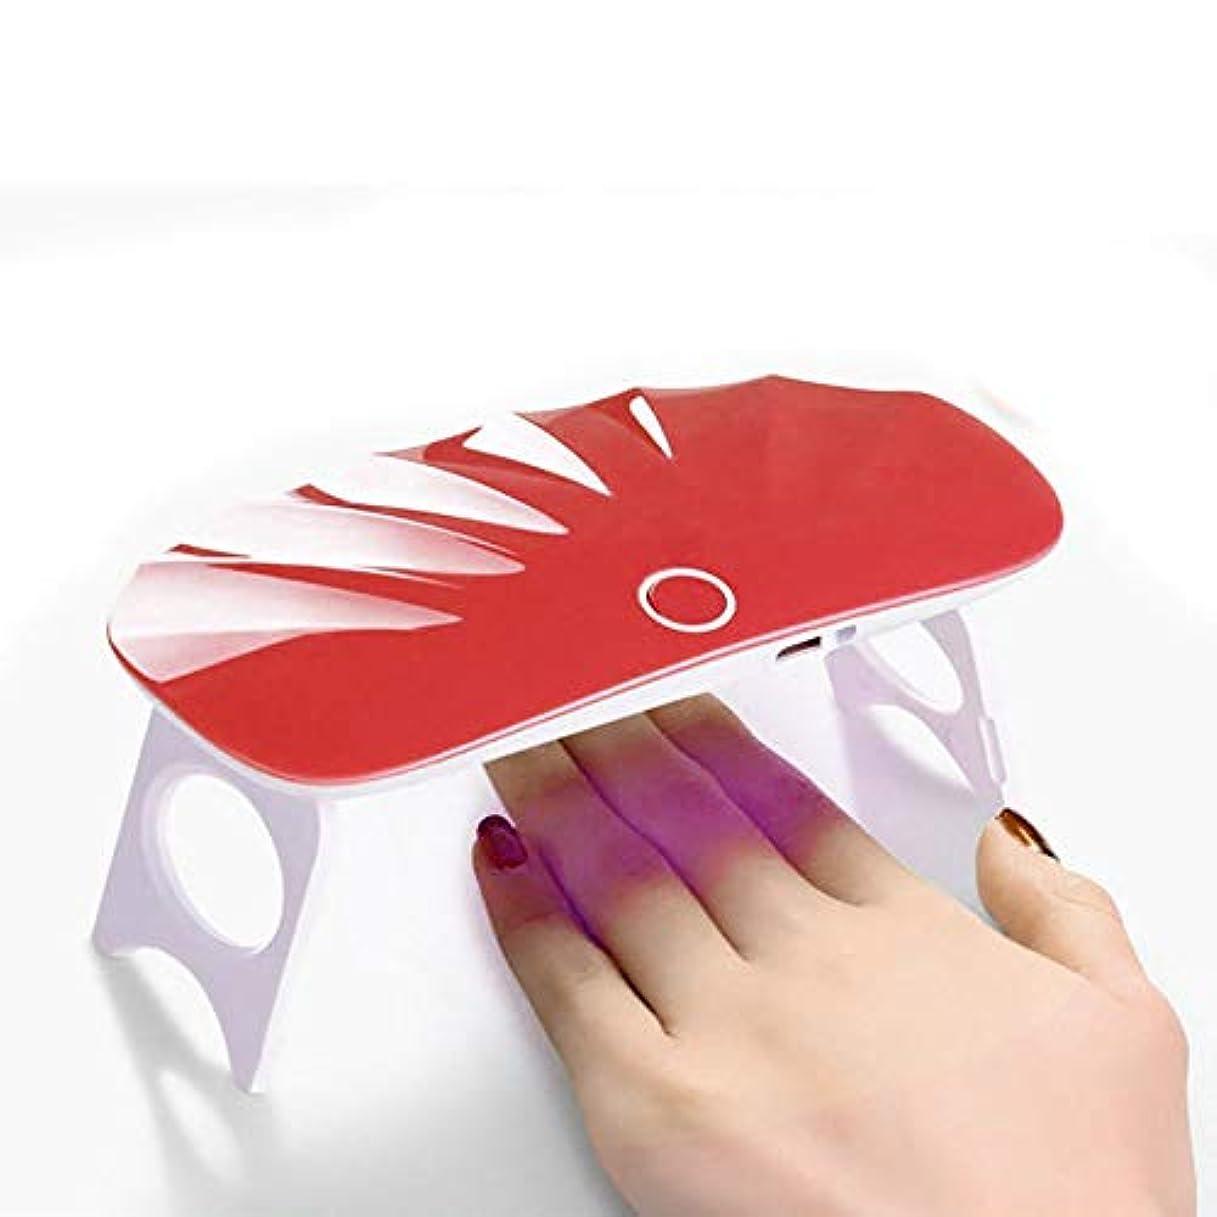 ティーンエイジャー関税テストJilebao ネイルライト 6W ハイパワー USBライン付き ミニ 可愛い ジェルネイル レジンクラフト コンパクト LEDライト UVライト ネイルドライヤー 自動検知モード 折りたたみ式 手足とも使える (レッド)